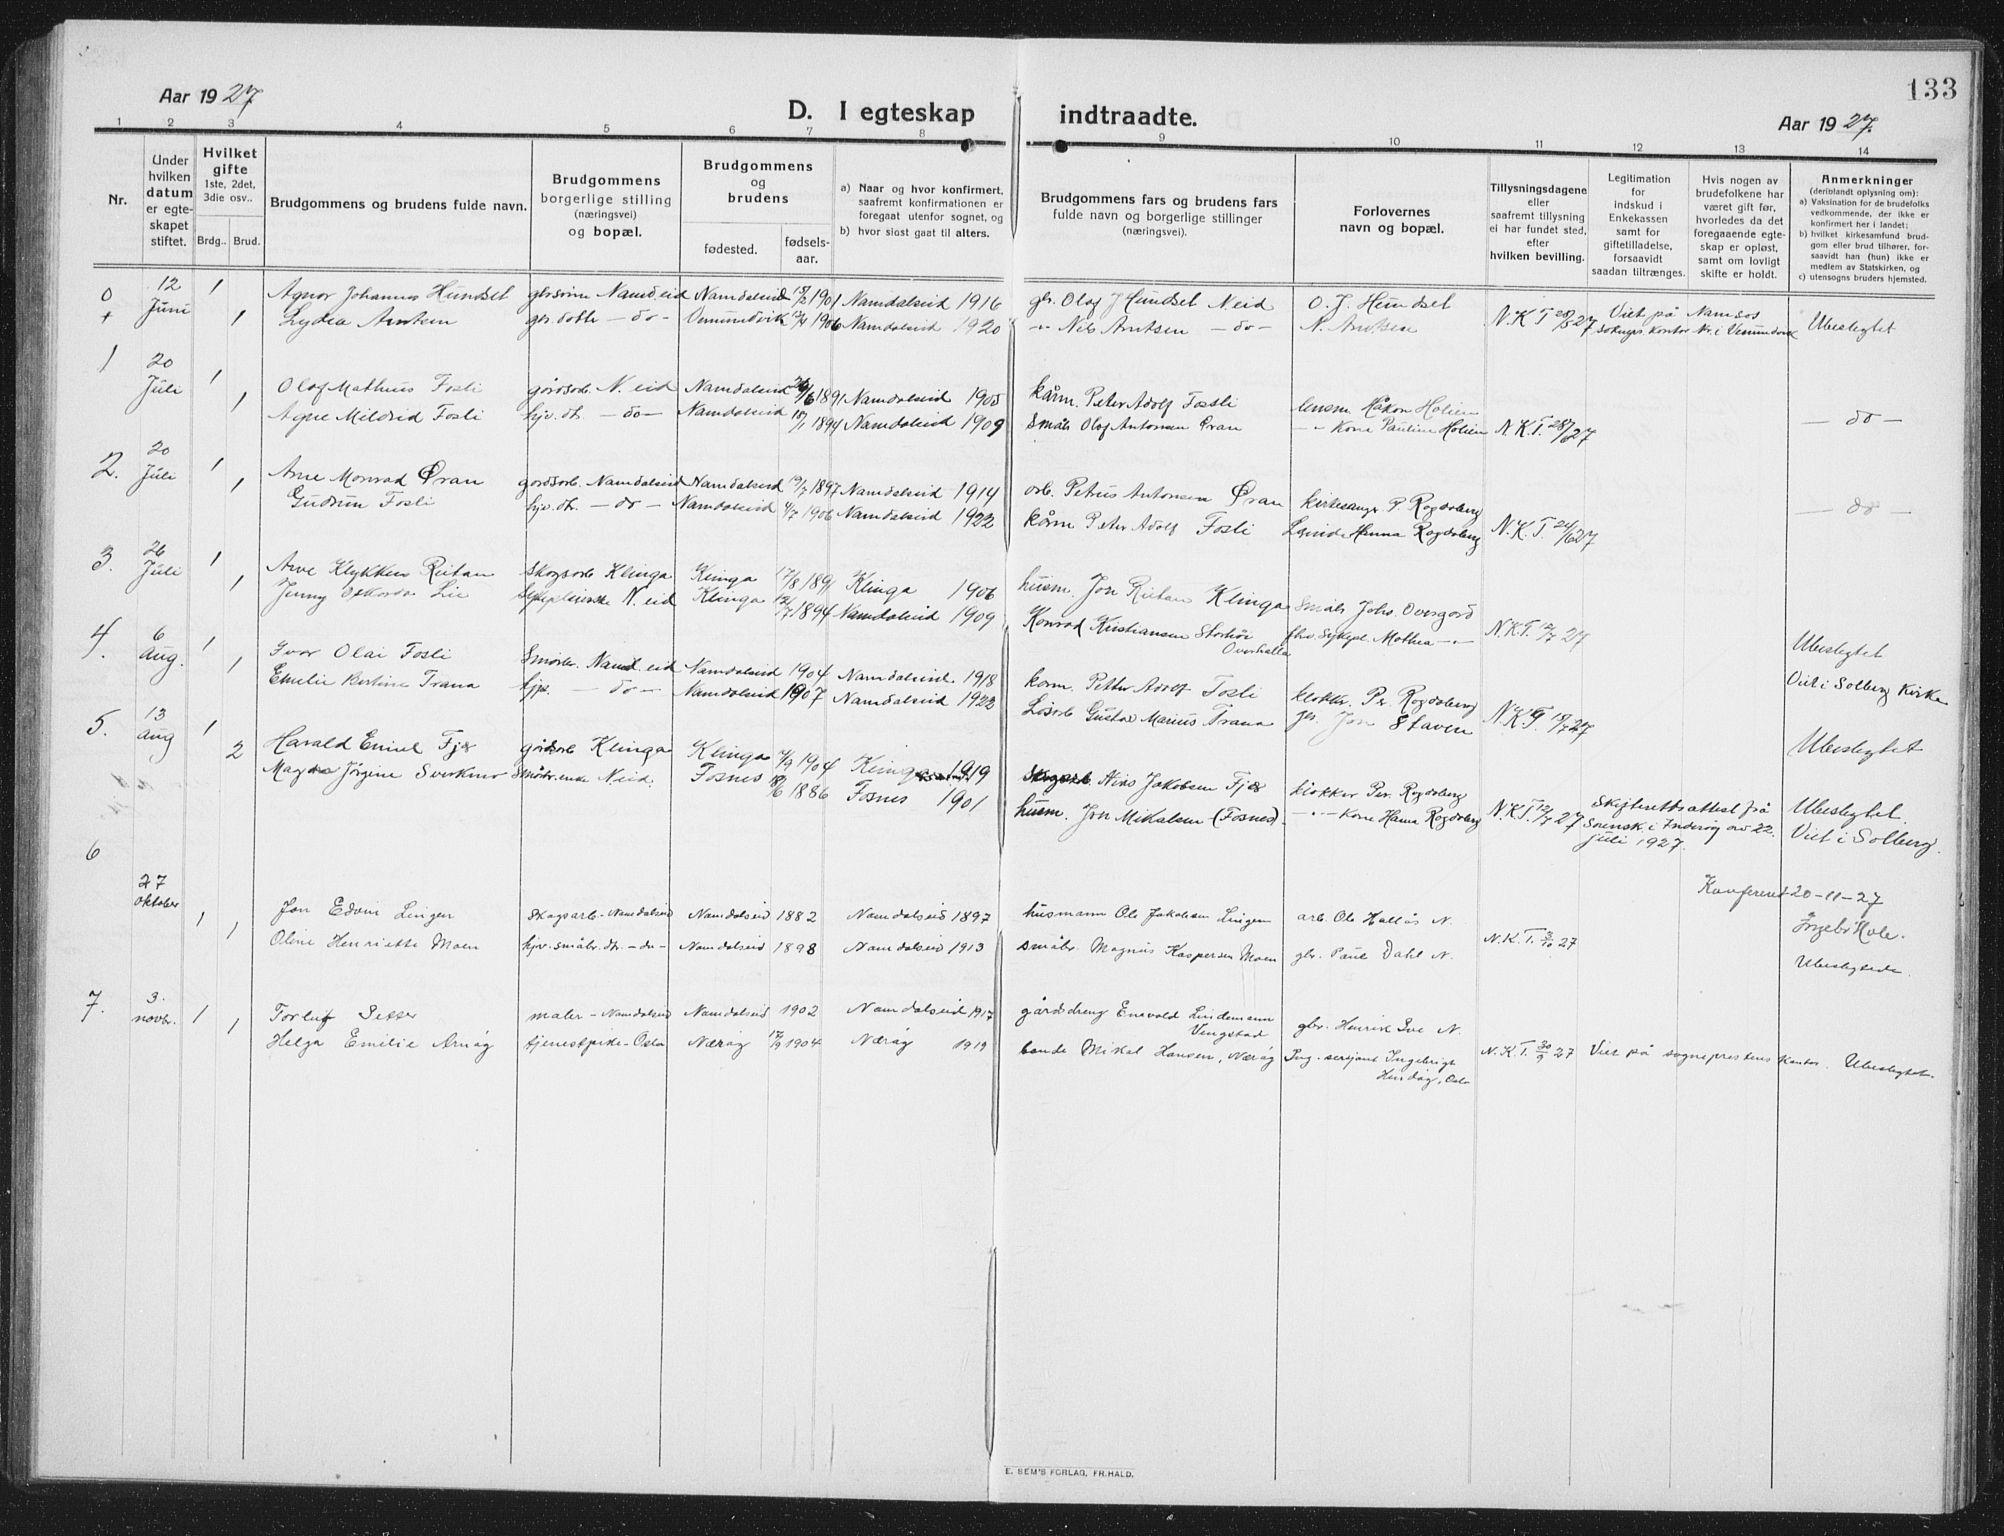 SAT, Ministerialprotokoller, klokkerbøker og fødselsregistre - Nord-Trøndelag, 742/L0413: Klokkerbok nr. 742C04, 1911-1938, s. 133